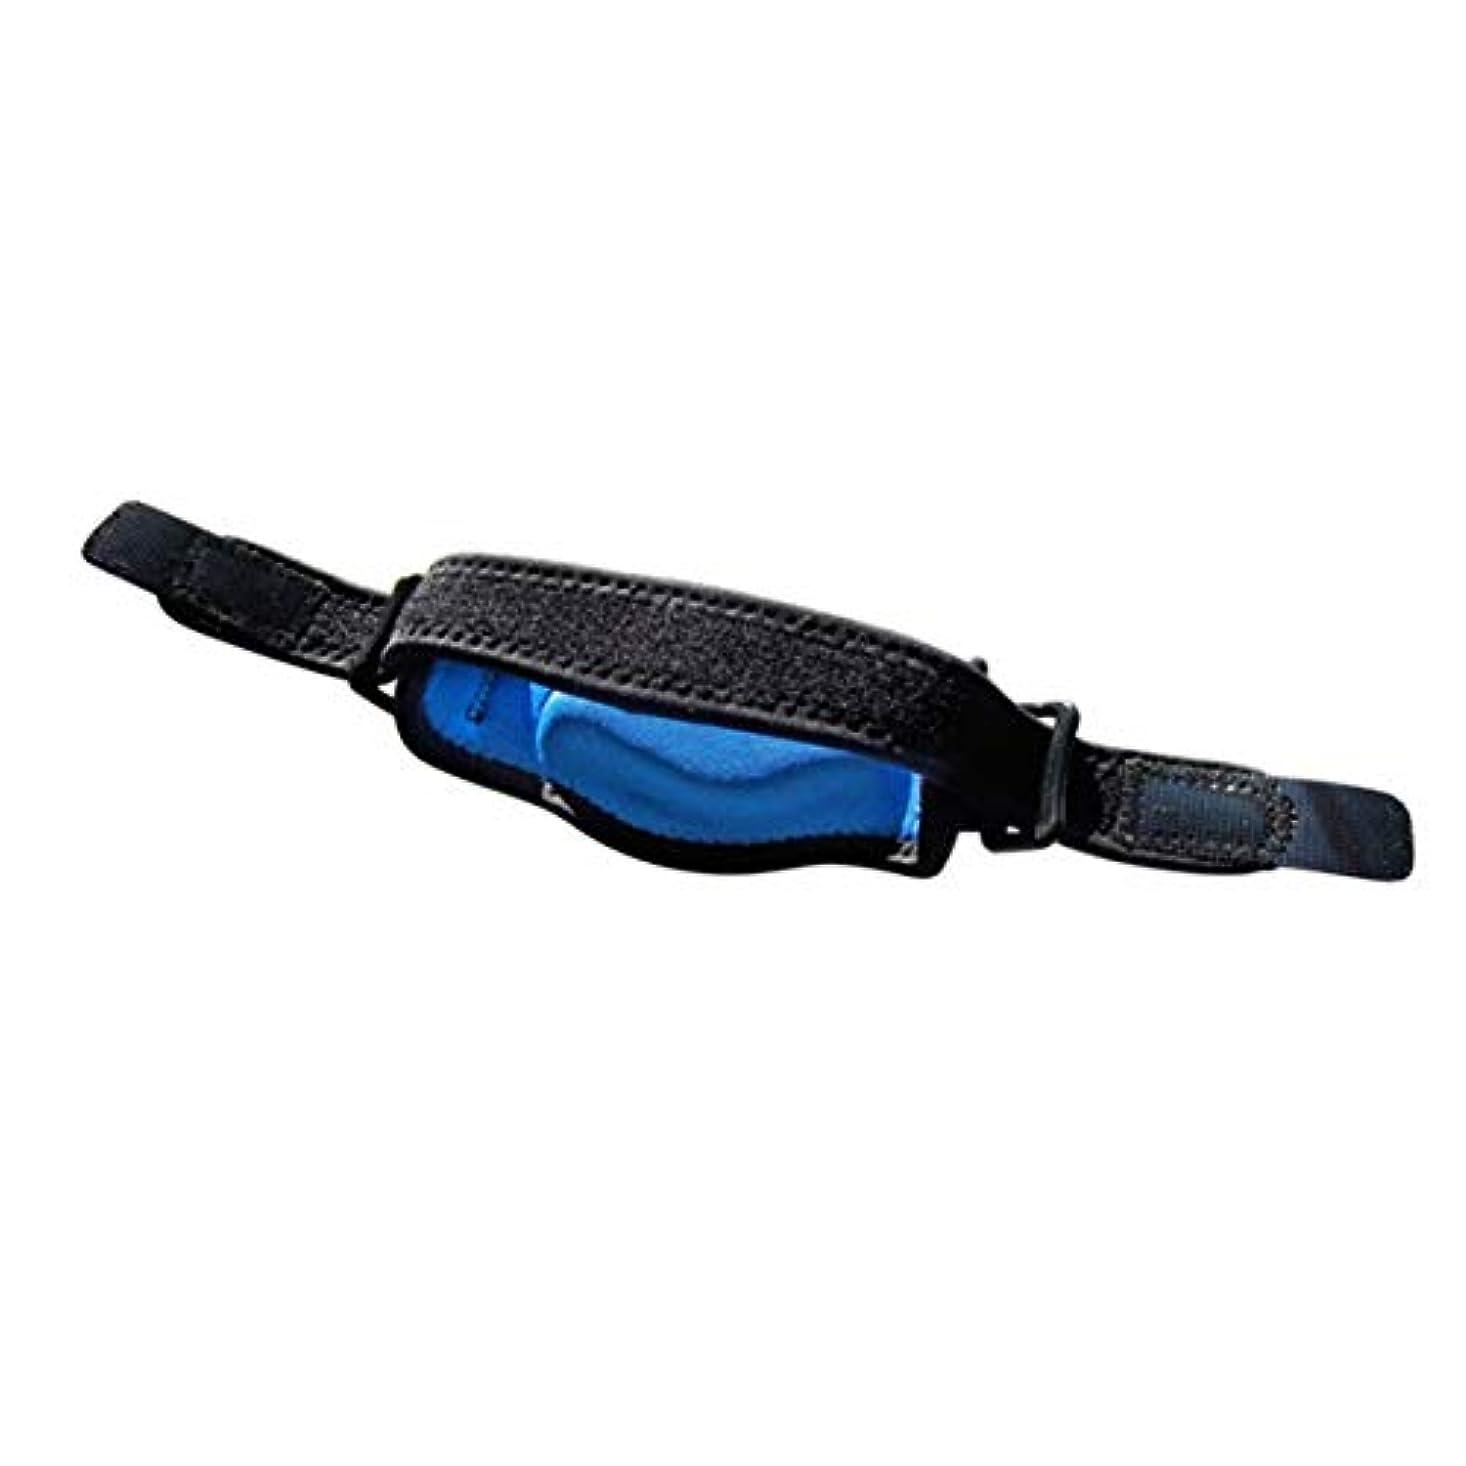 視力薄める保証する調節可能なテニス肘サポートストラップブレースゴルフ前腕痛み緩和